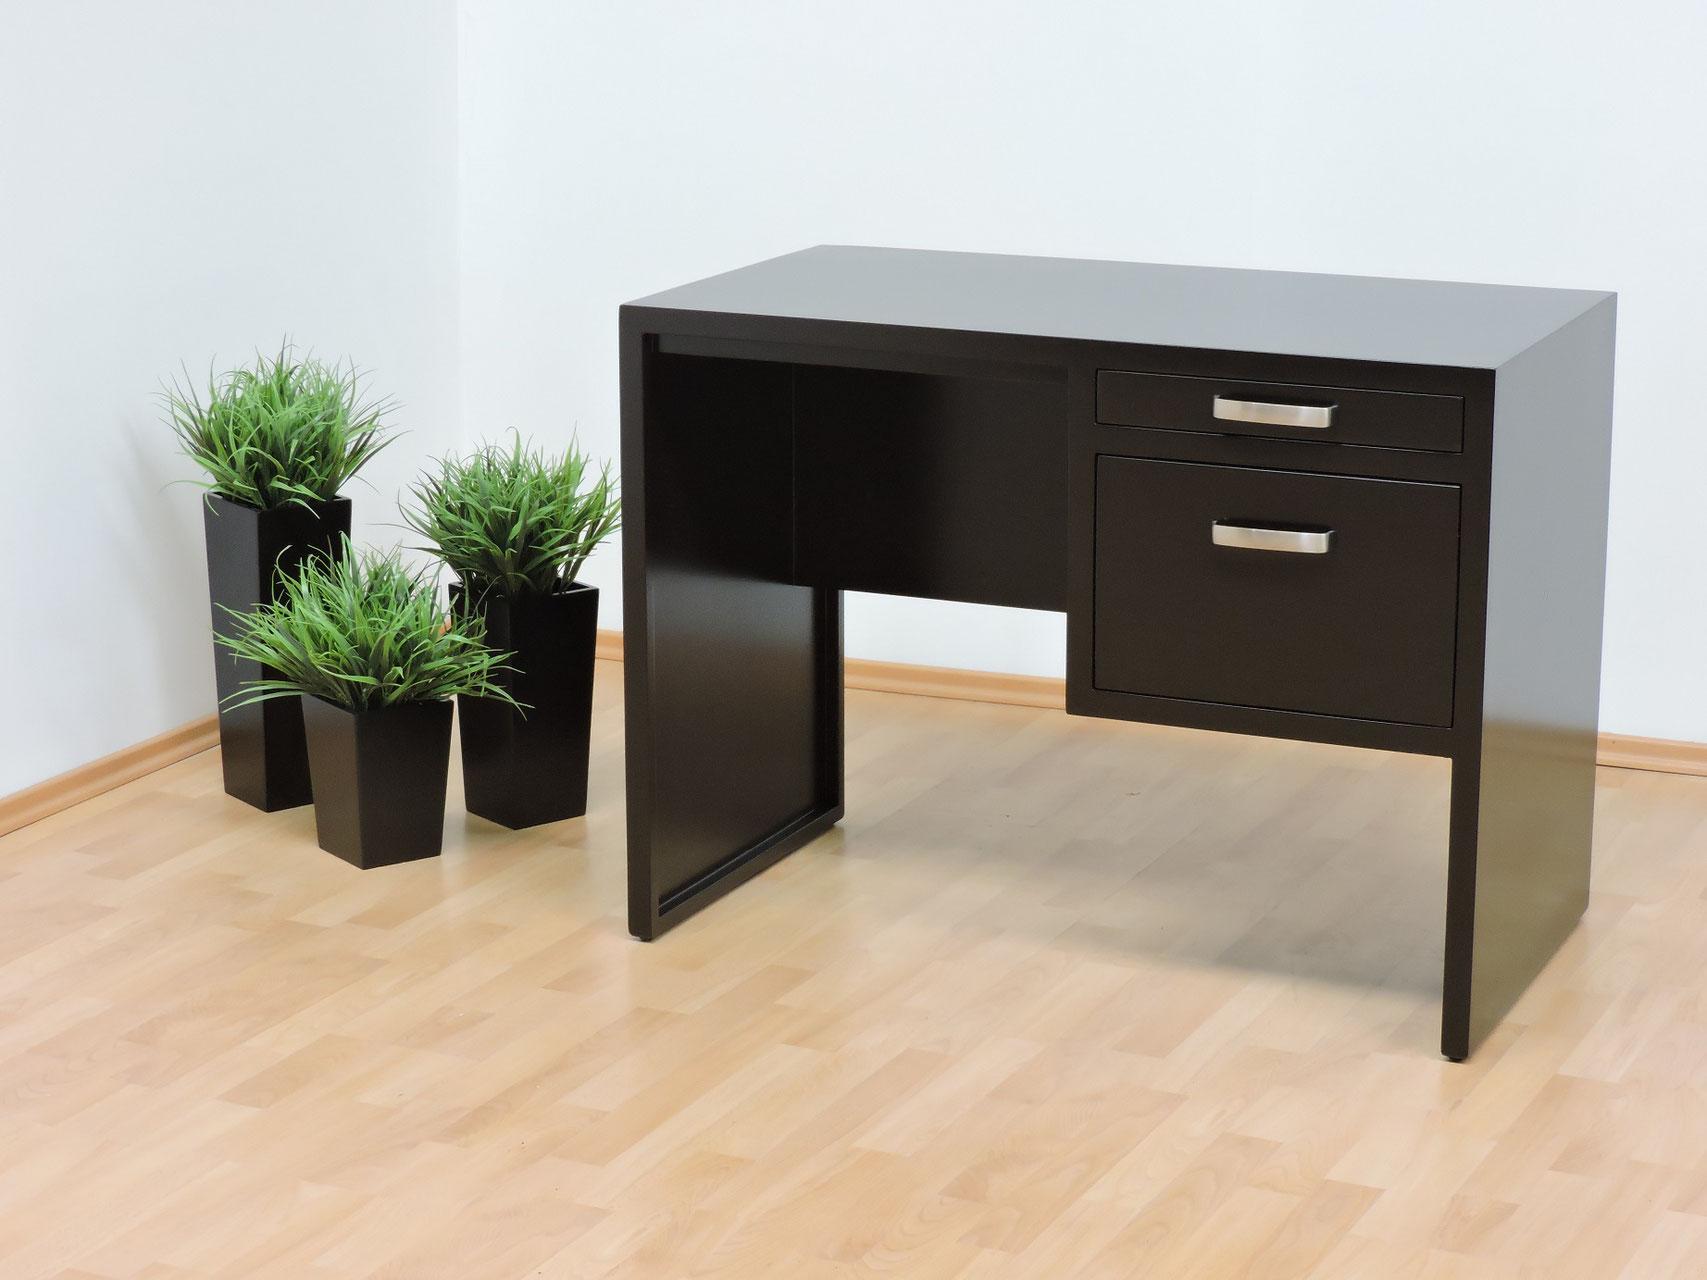 Escritorios muebles gm muebles de madera - Escritorios rusticos de madera ...